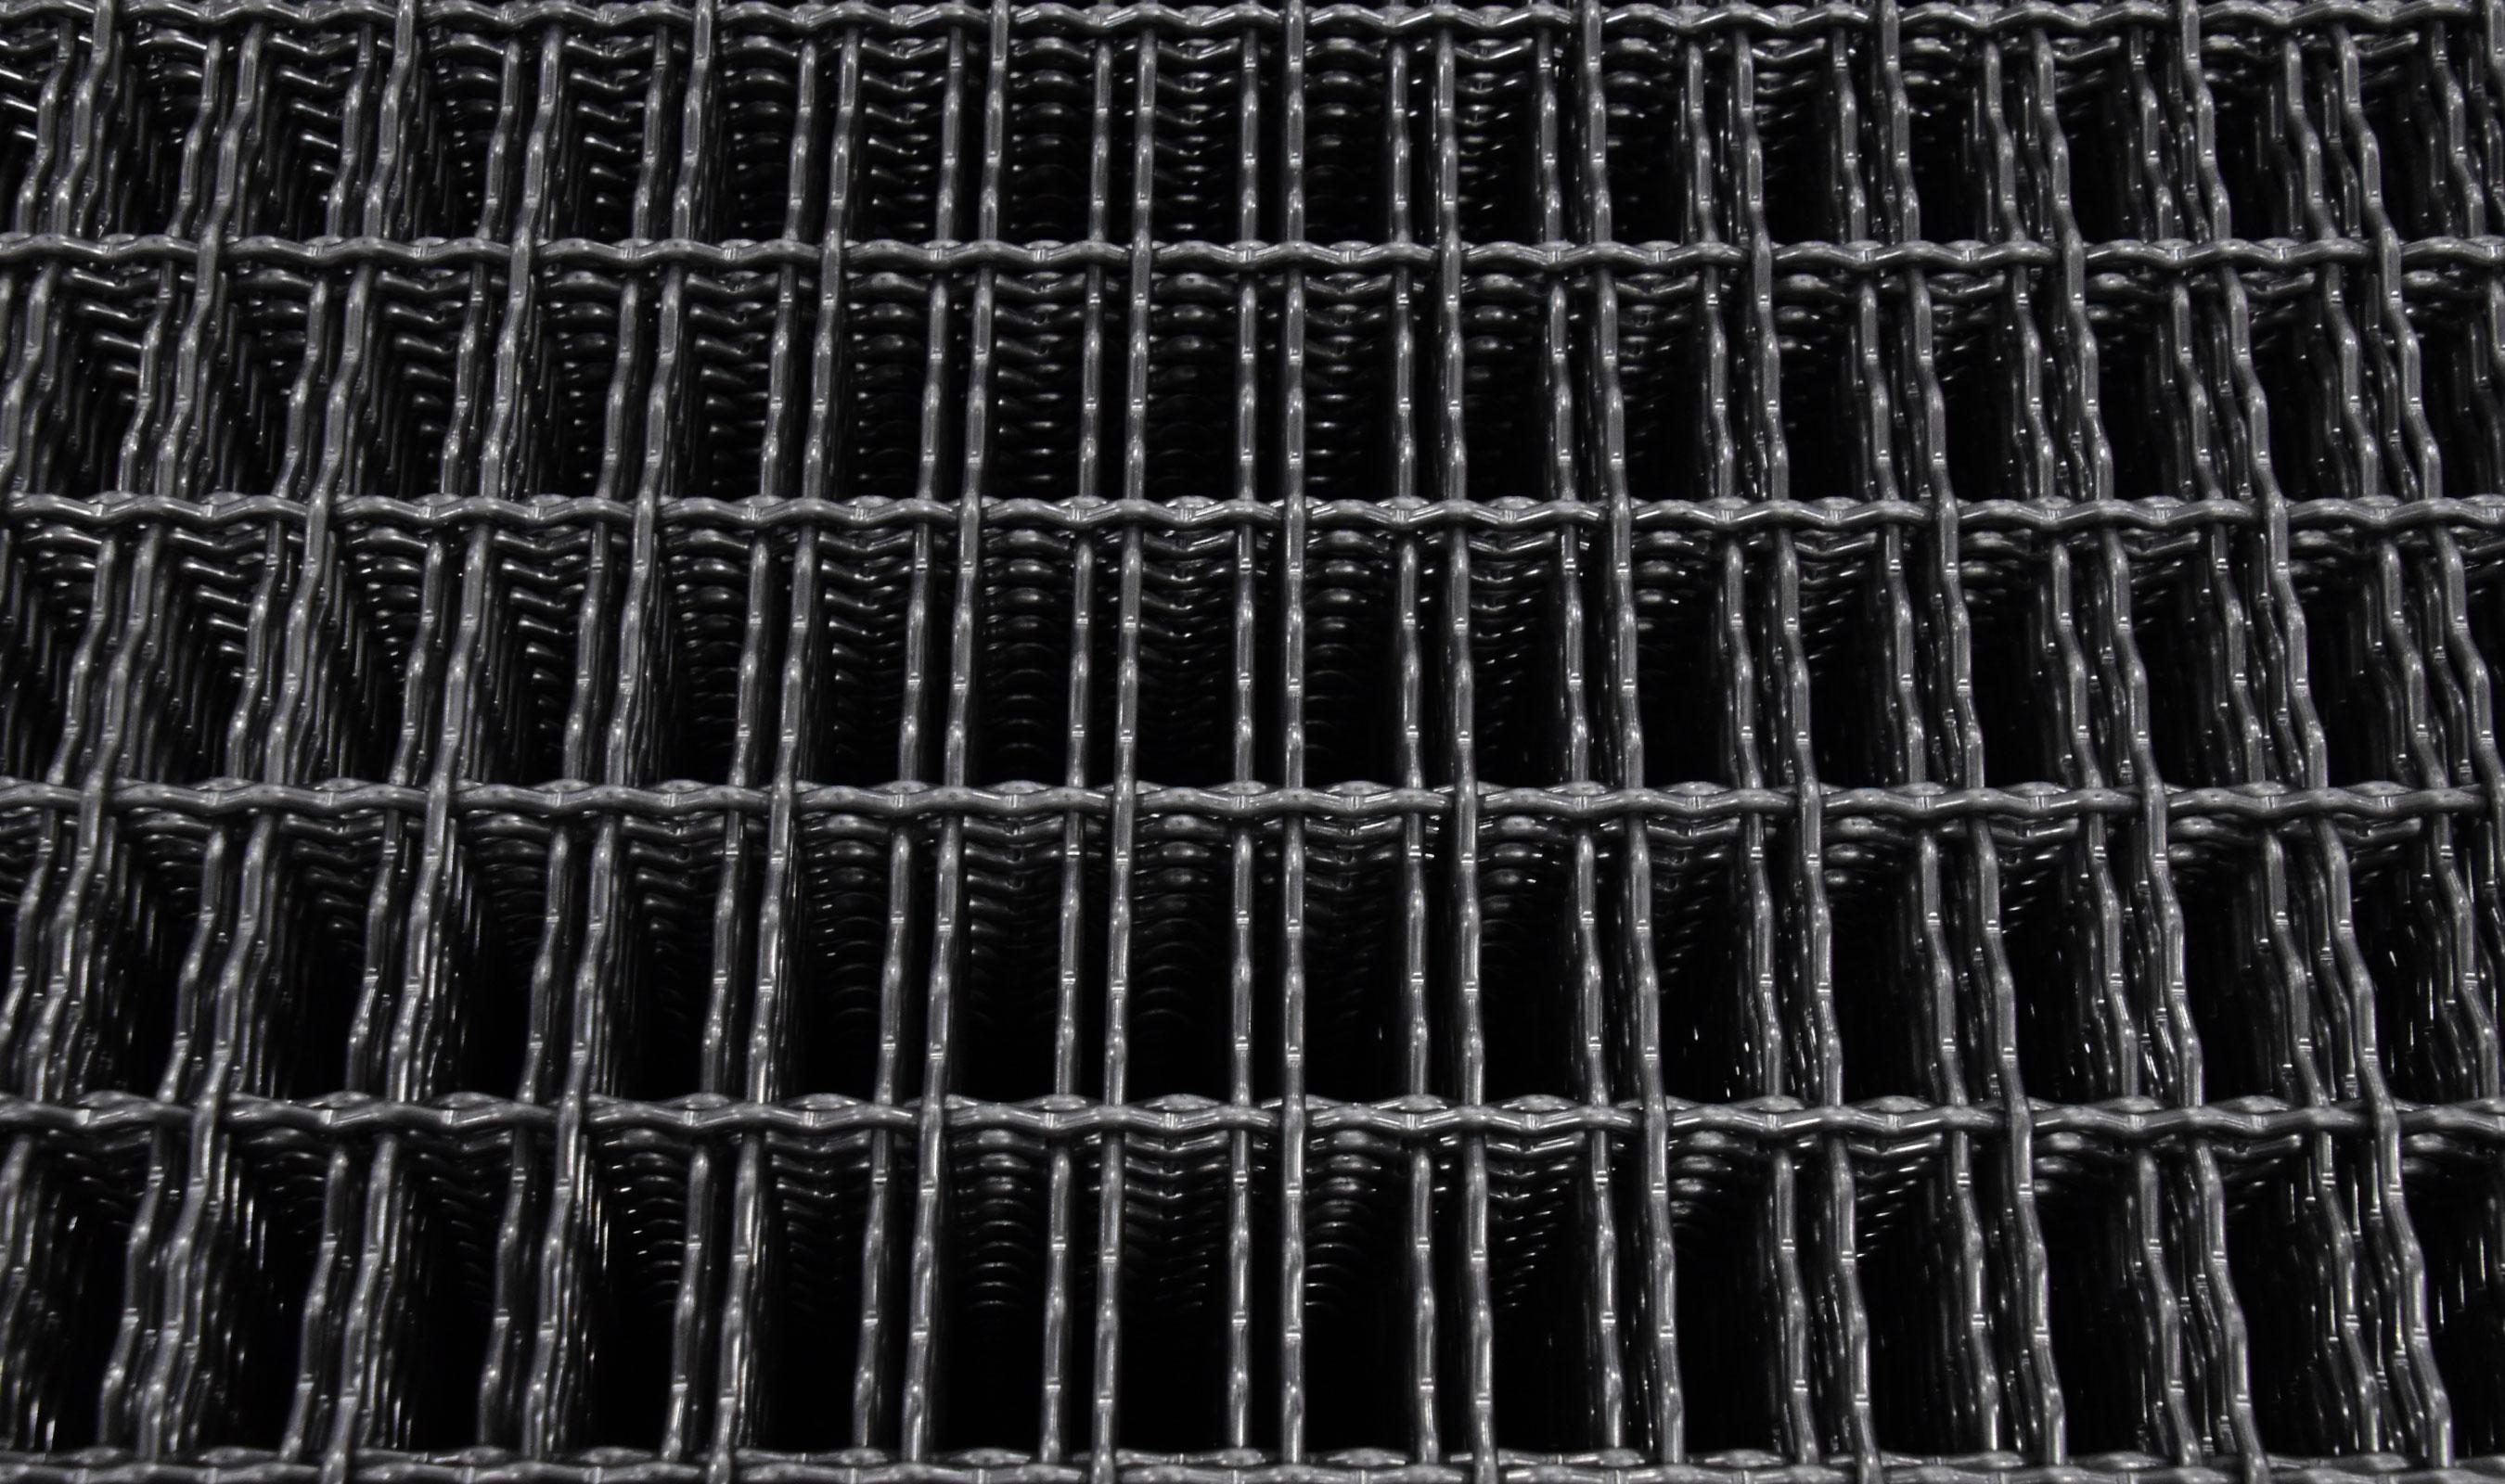 IZ-9 intercrimp woven wire mesh in plain steel